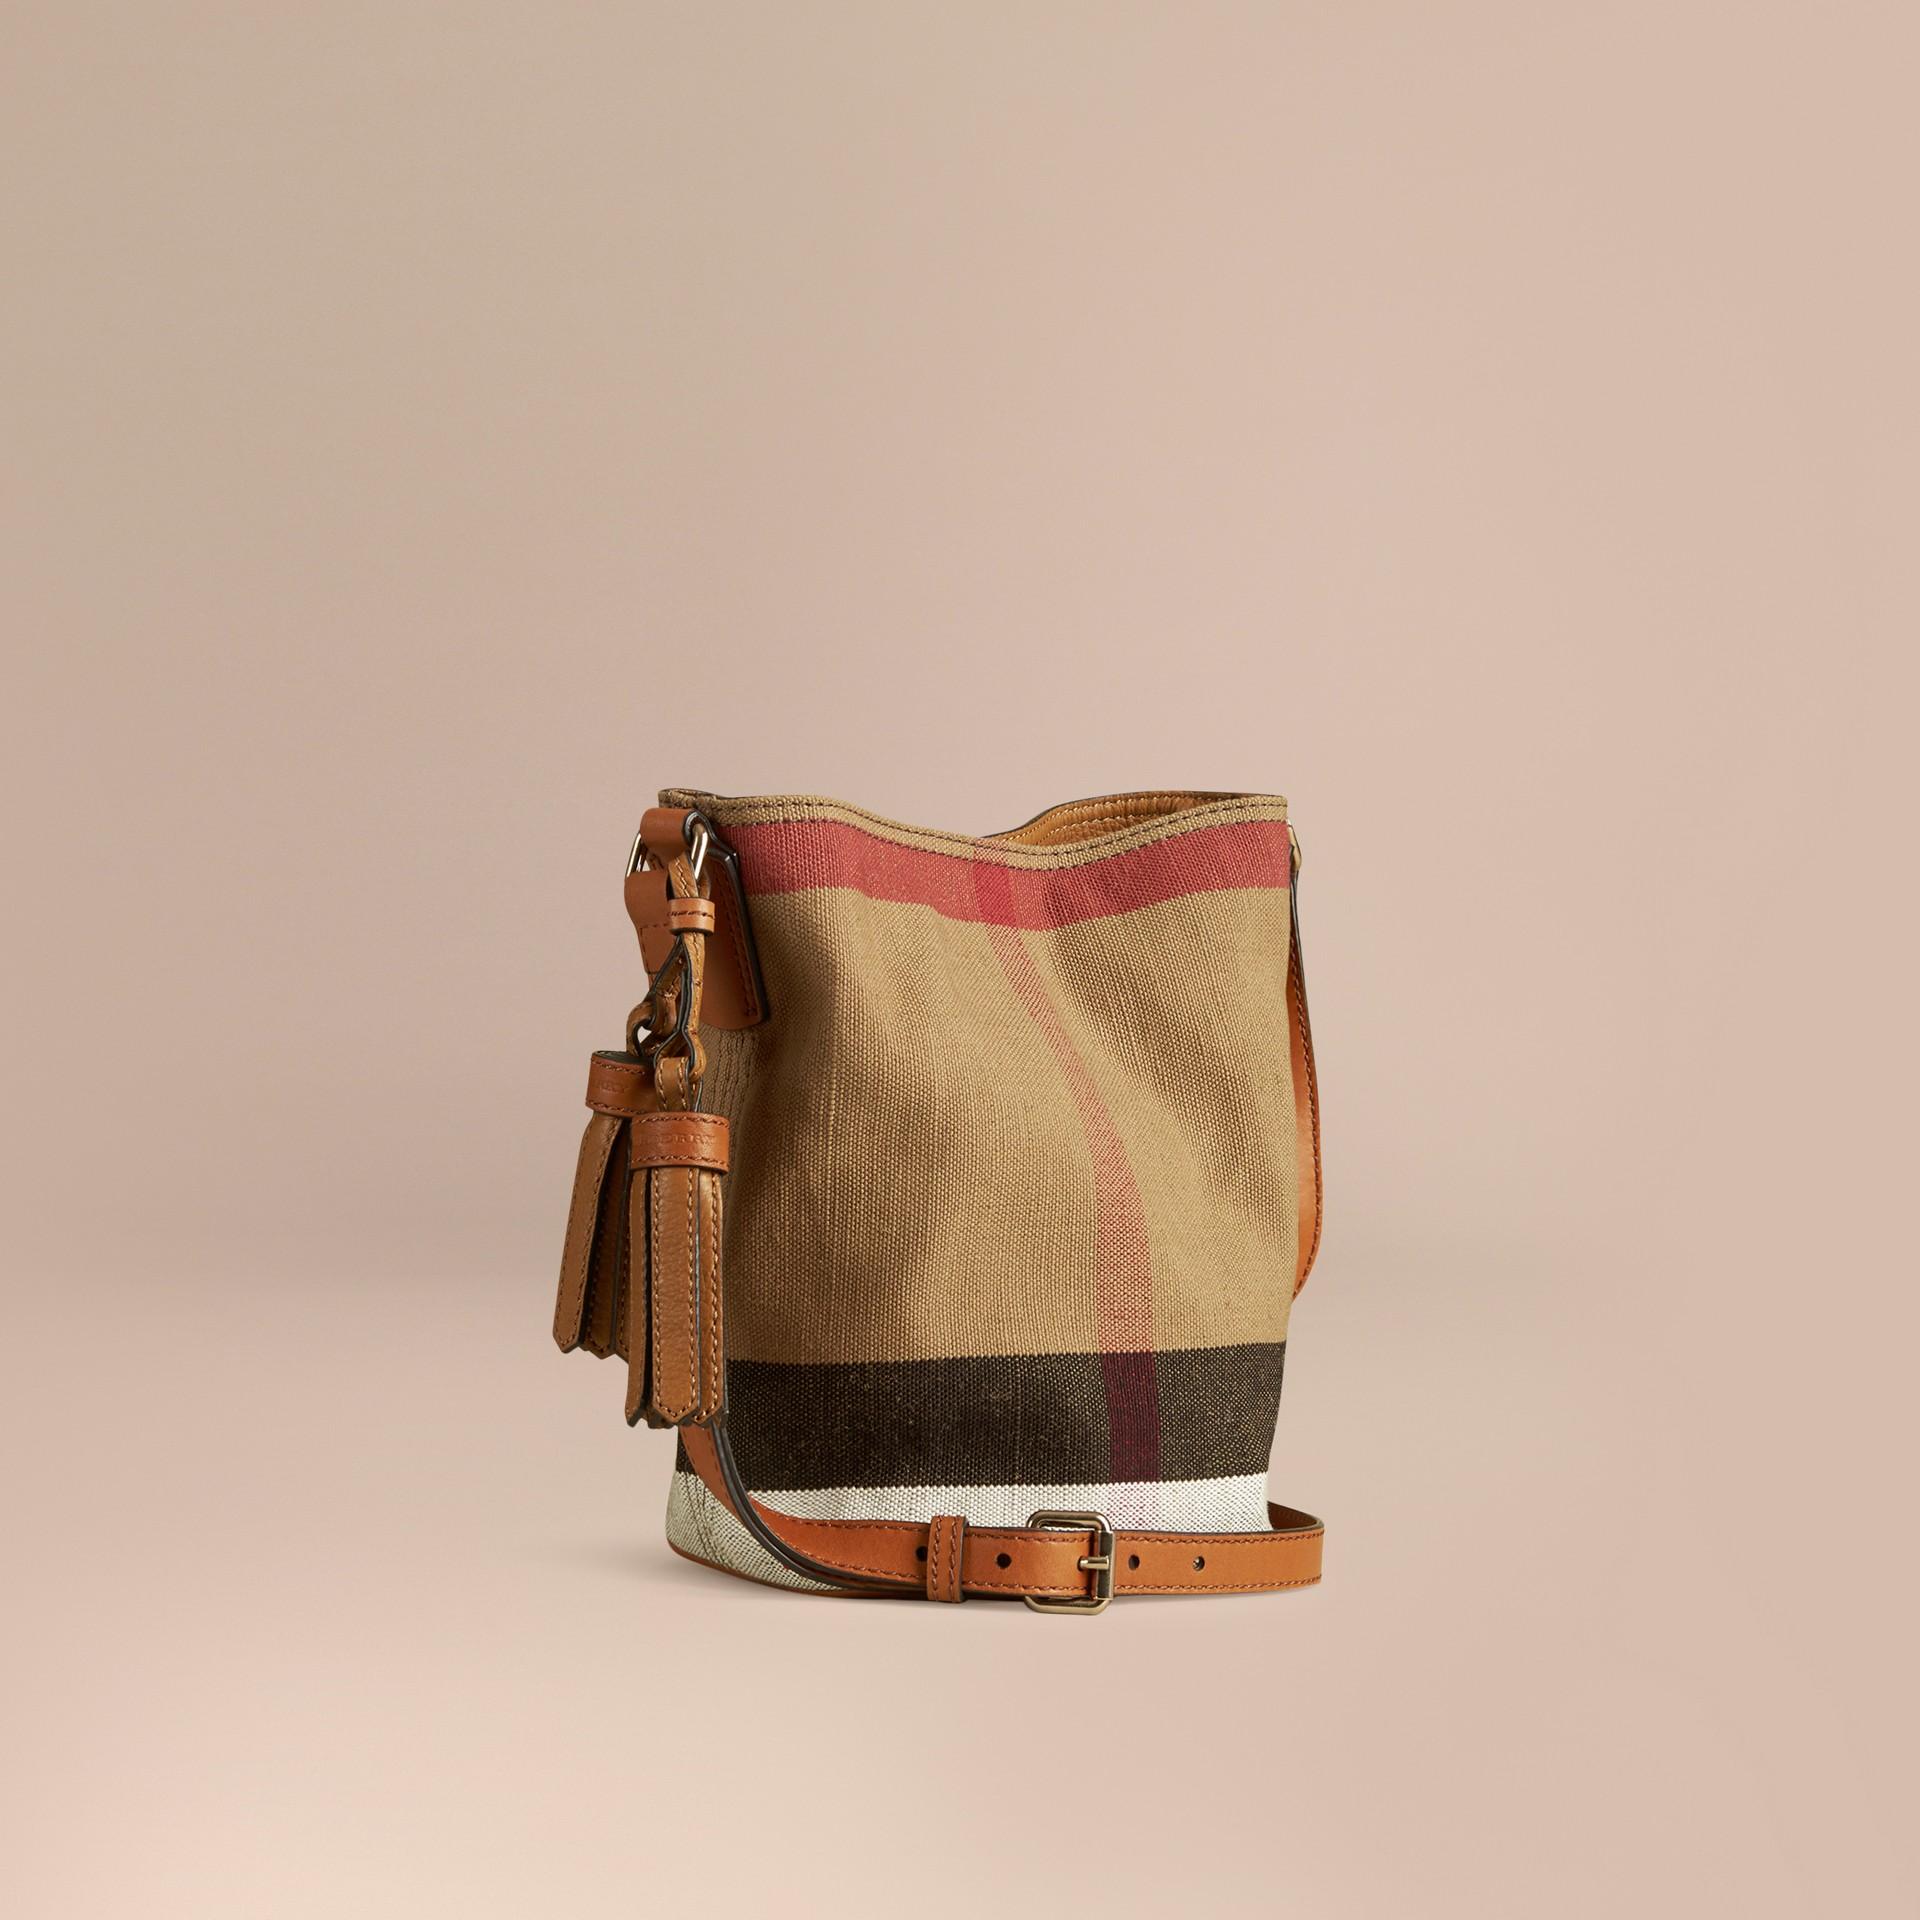 Marron cigare Petit sac The Ashby à motif Canvas check avec cuir Marron Cigare - photo de la galerie 1